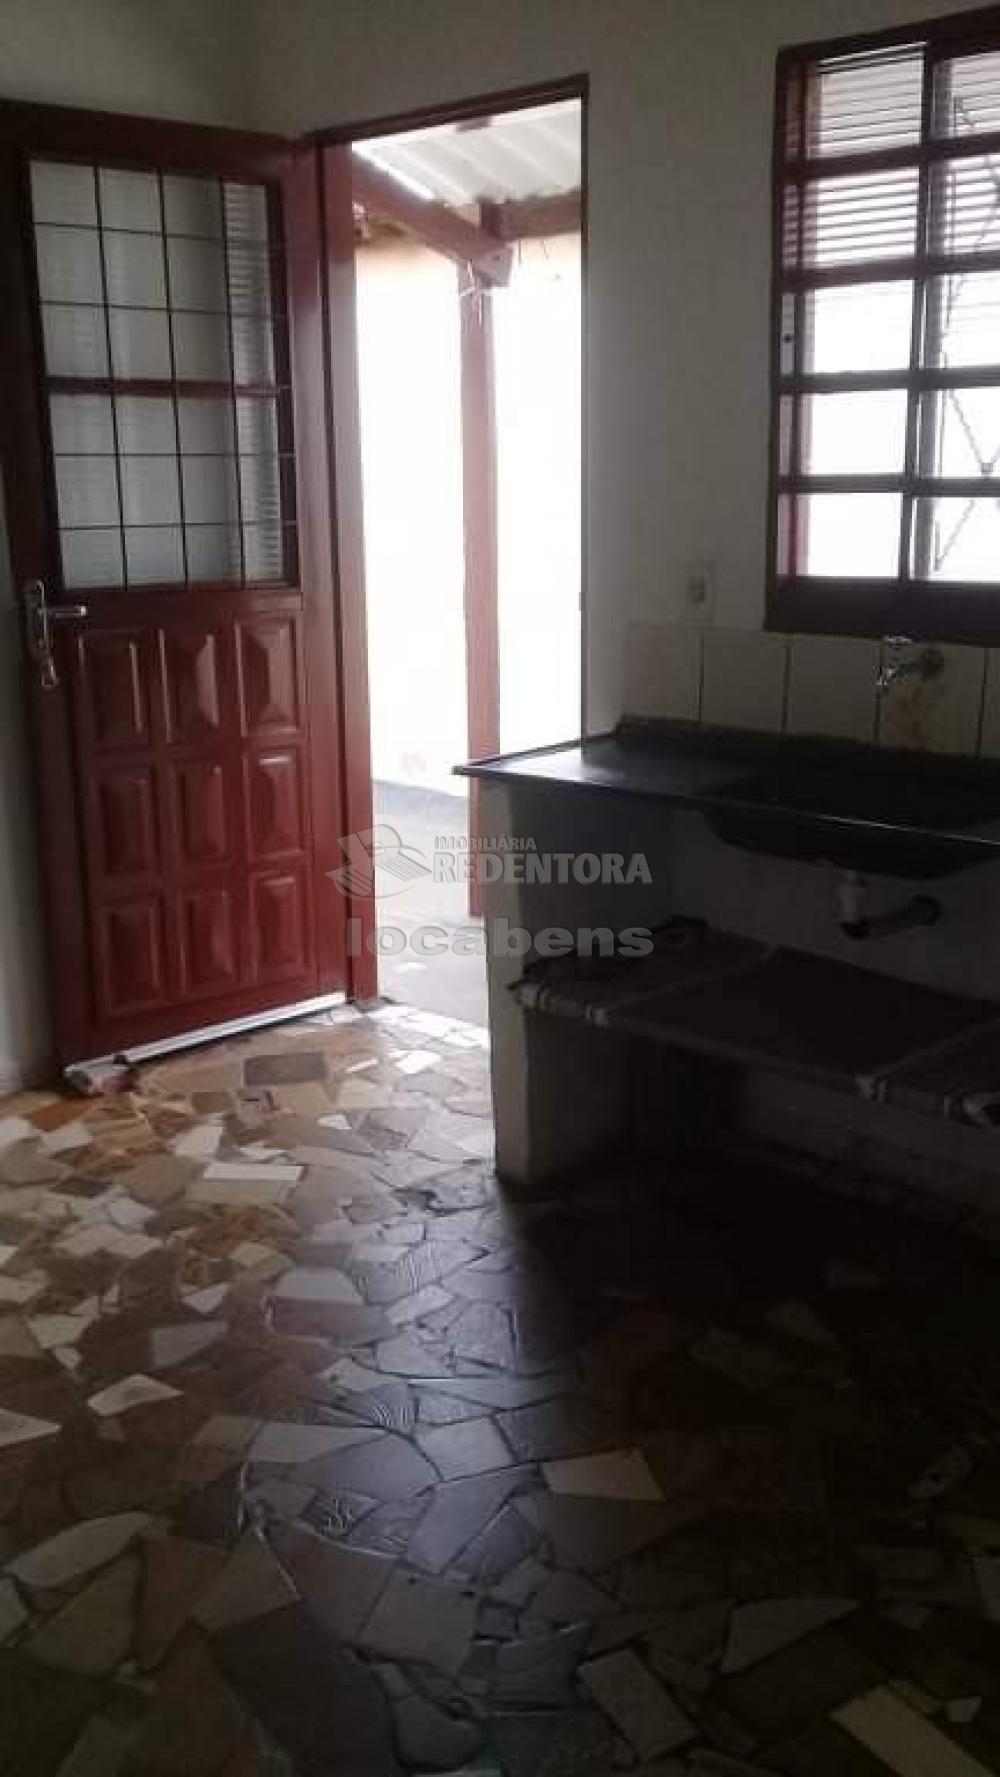 Comprar Casa / Padrão em São José do Rio Preto R$ 165.000,00 - Foto 15